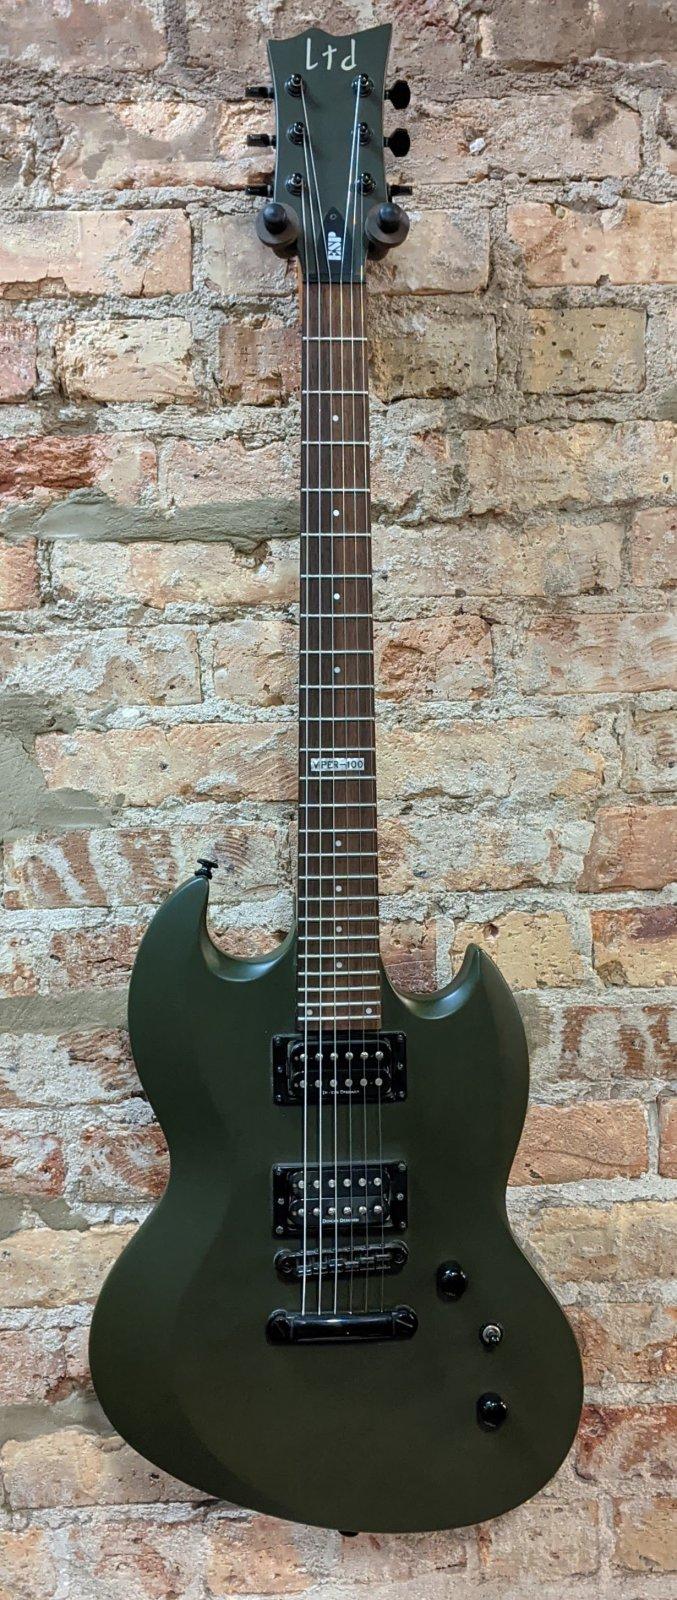 2002 ESP LTD Viper-100